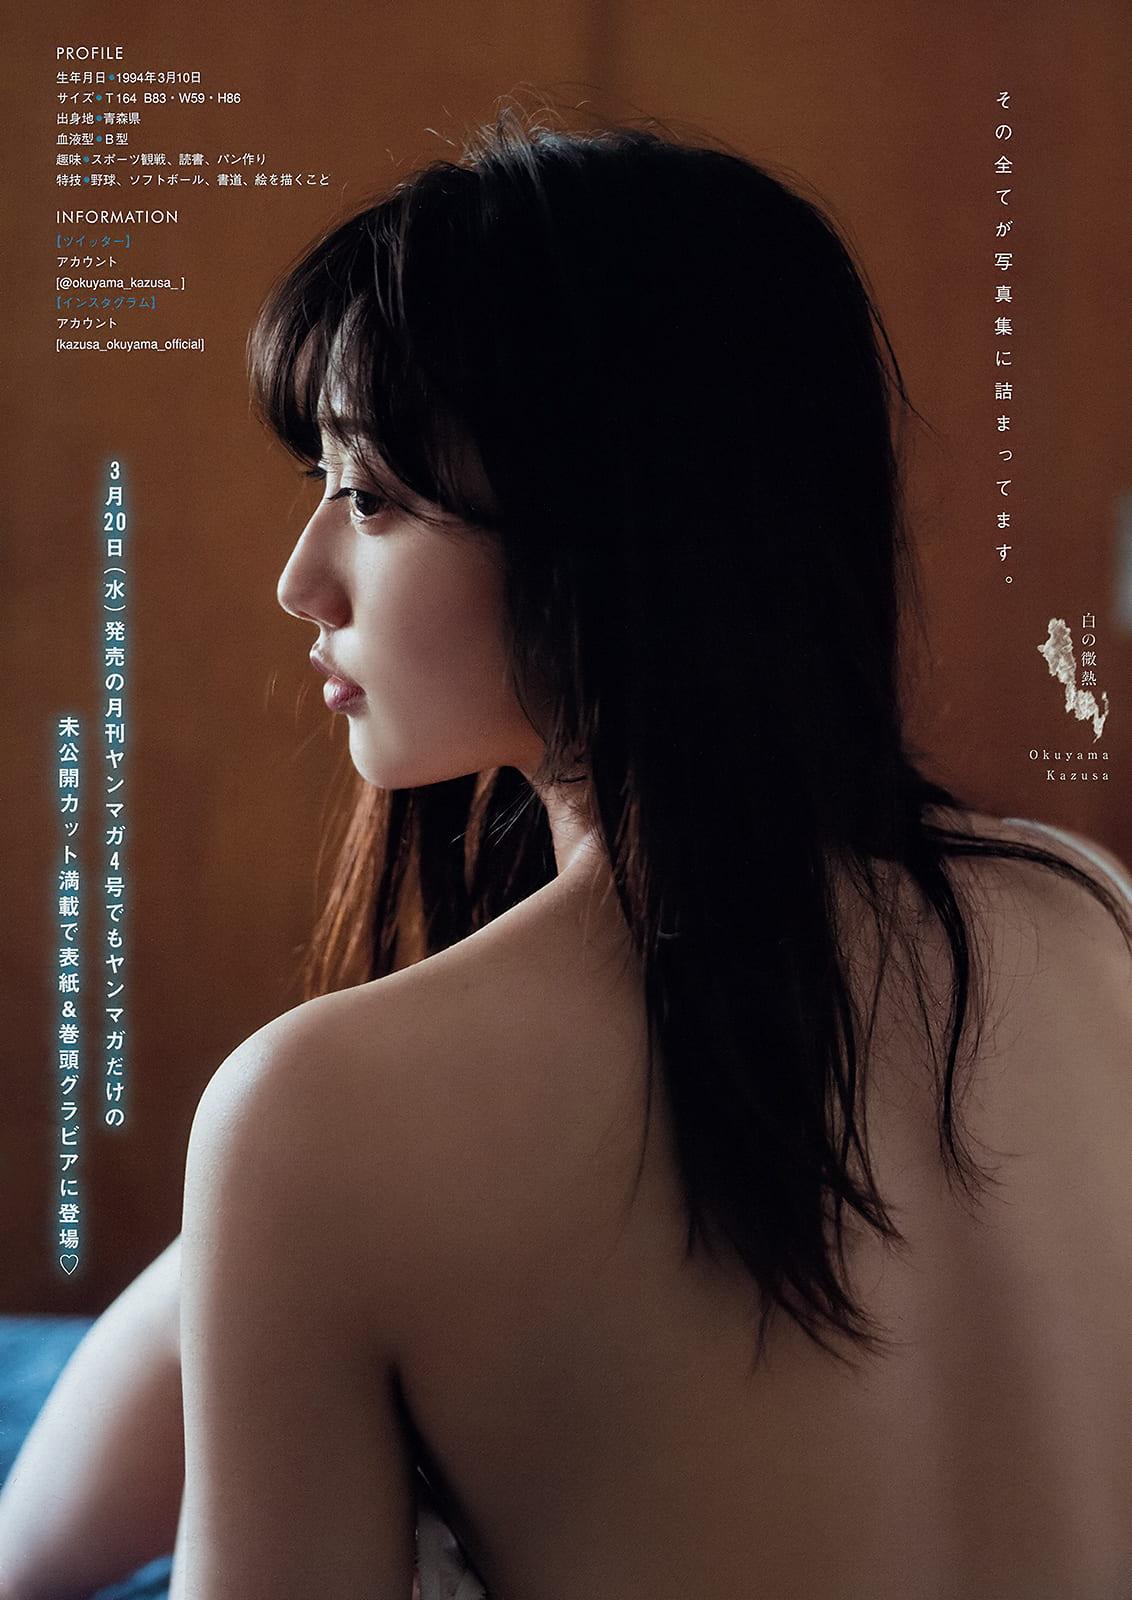 グラビアアイドル写真集|大人の美ボディで雑誌の表紙も飾った奥山かずさグラドル画像まとめ(高解像度版)260枚